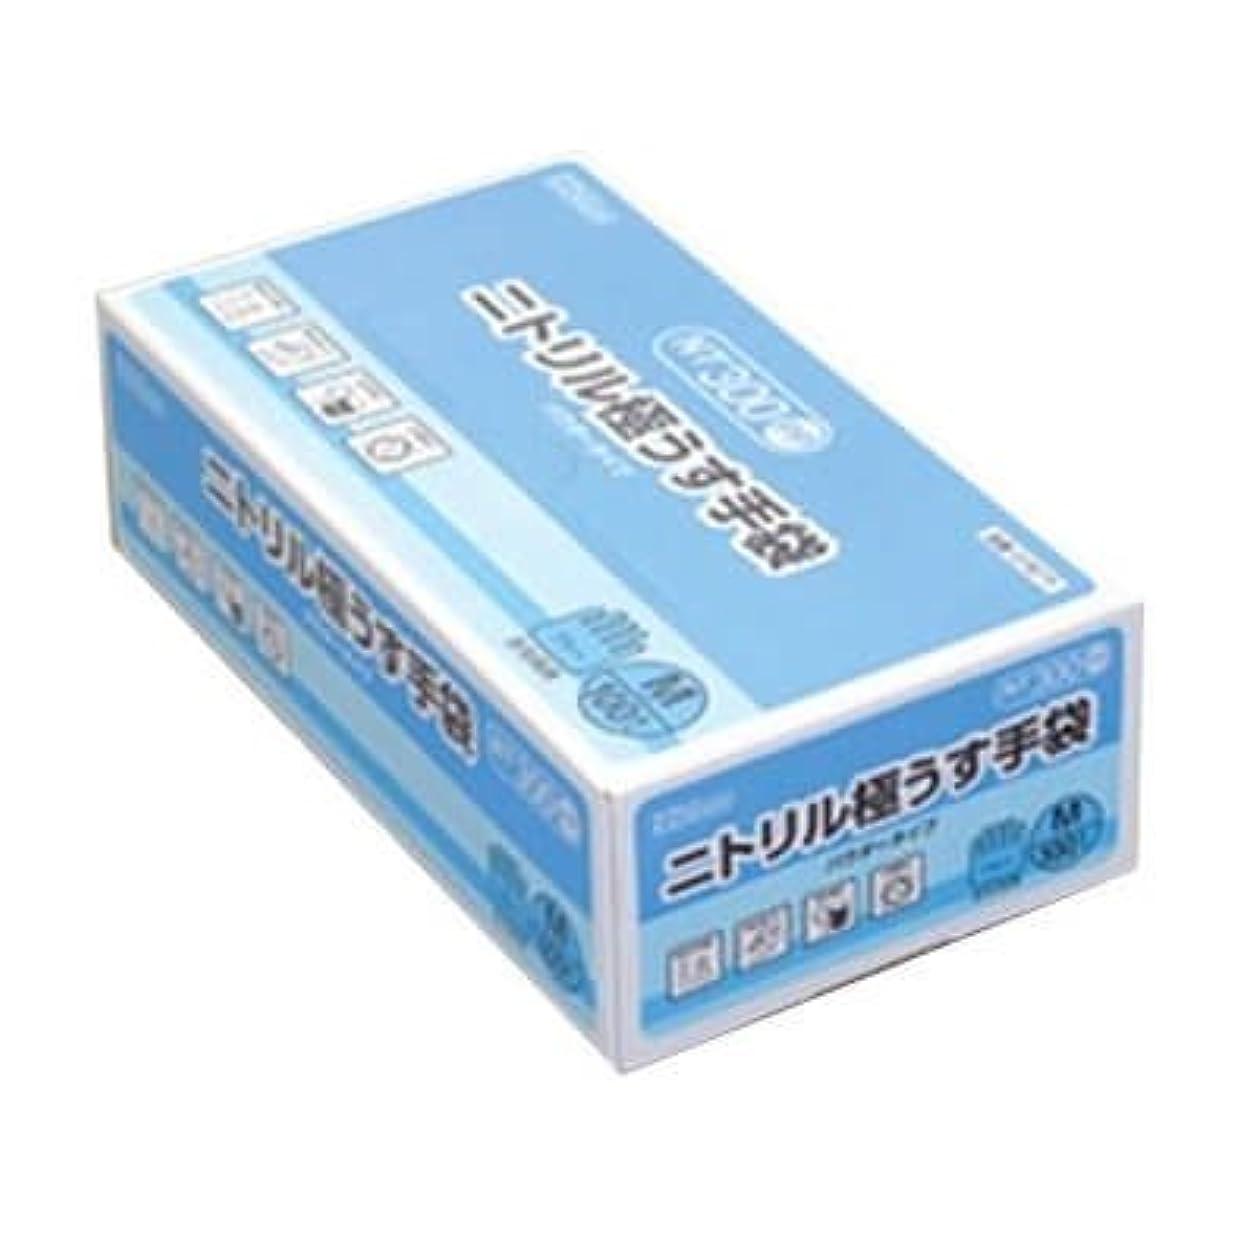 リネンぼんやりした構成する【ケース販売】 ダンロップ ニトリル極うす手袋 粉付 M ブルー NT-300 (100枚入×20箱)